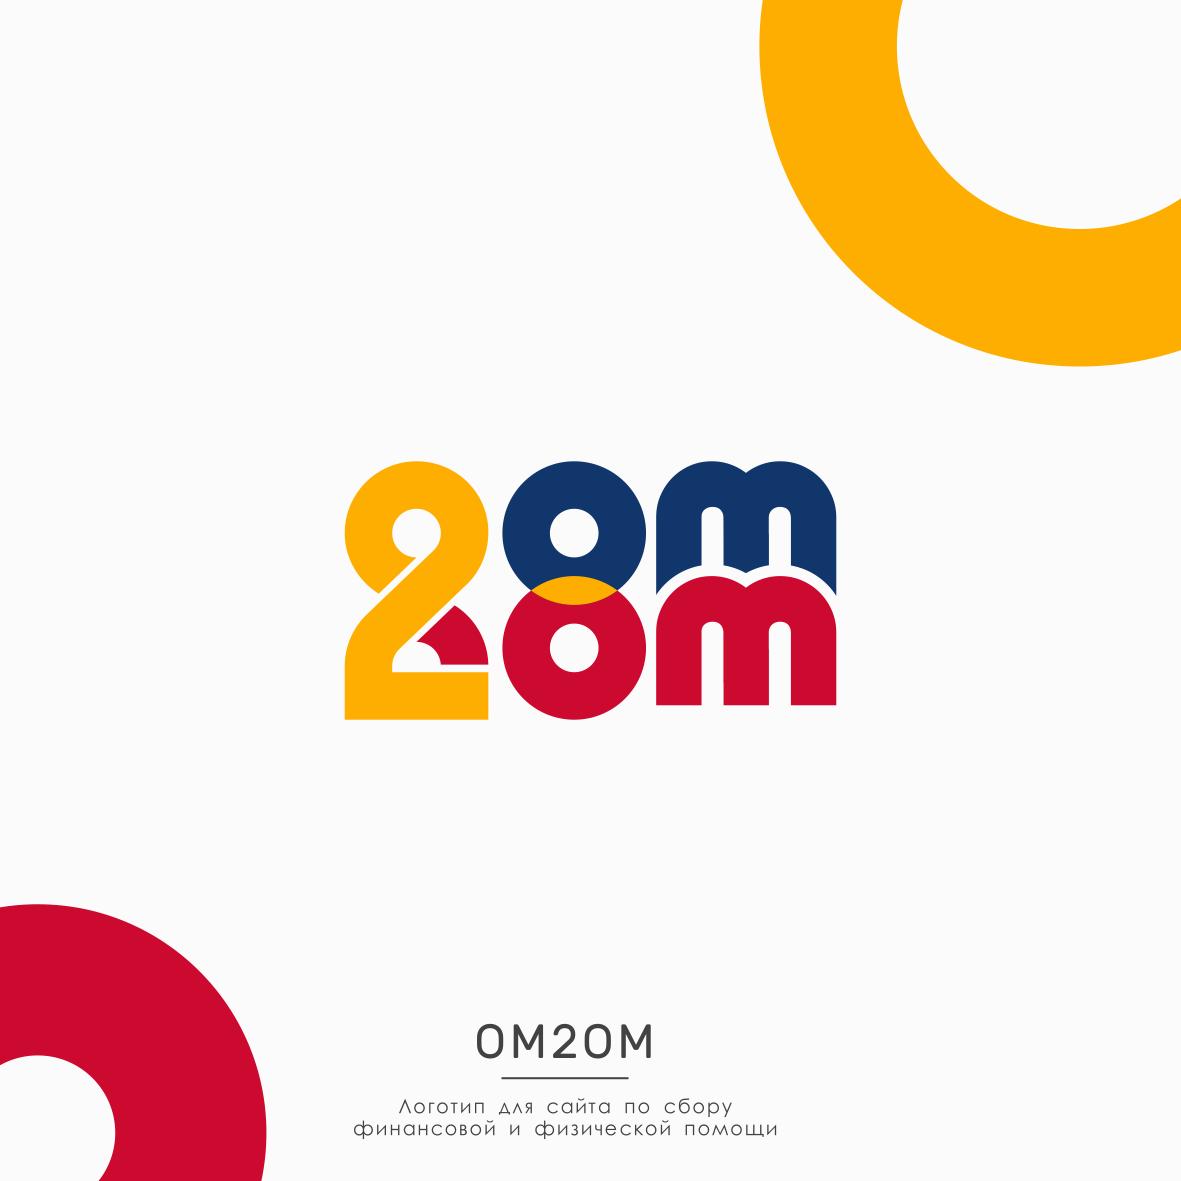 Разработка логотипа для краудфандинговой платформы om2om.md фото f_0725f5f65c1029d3.png